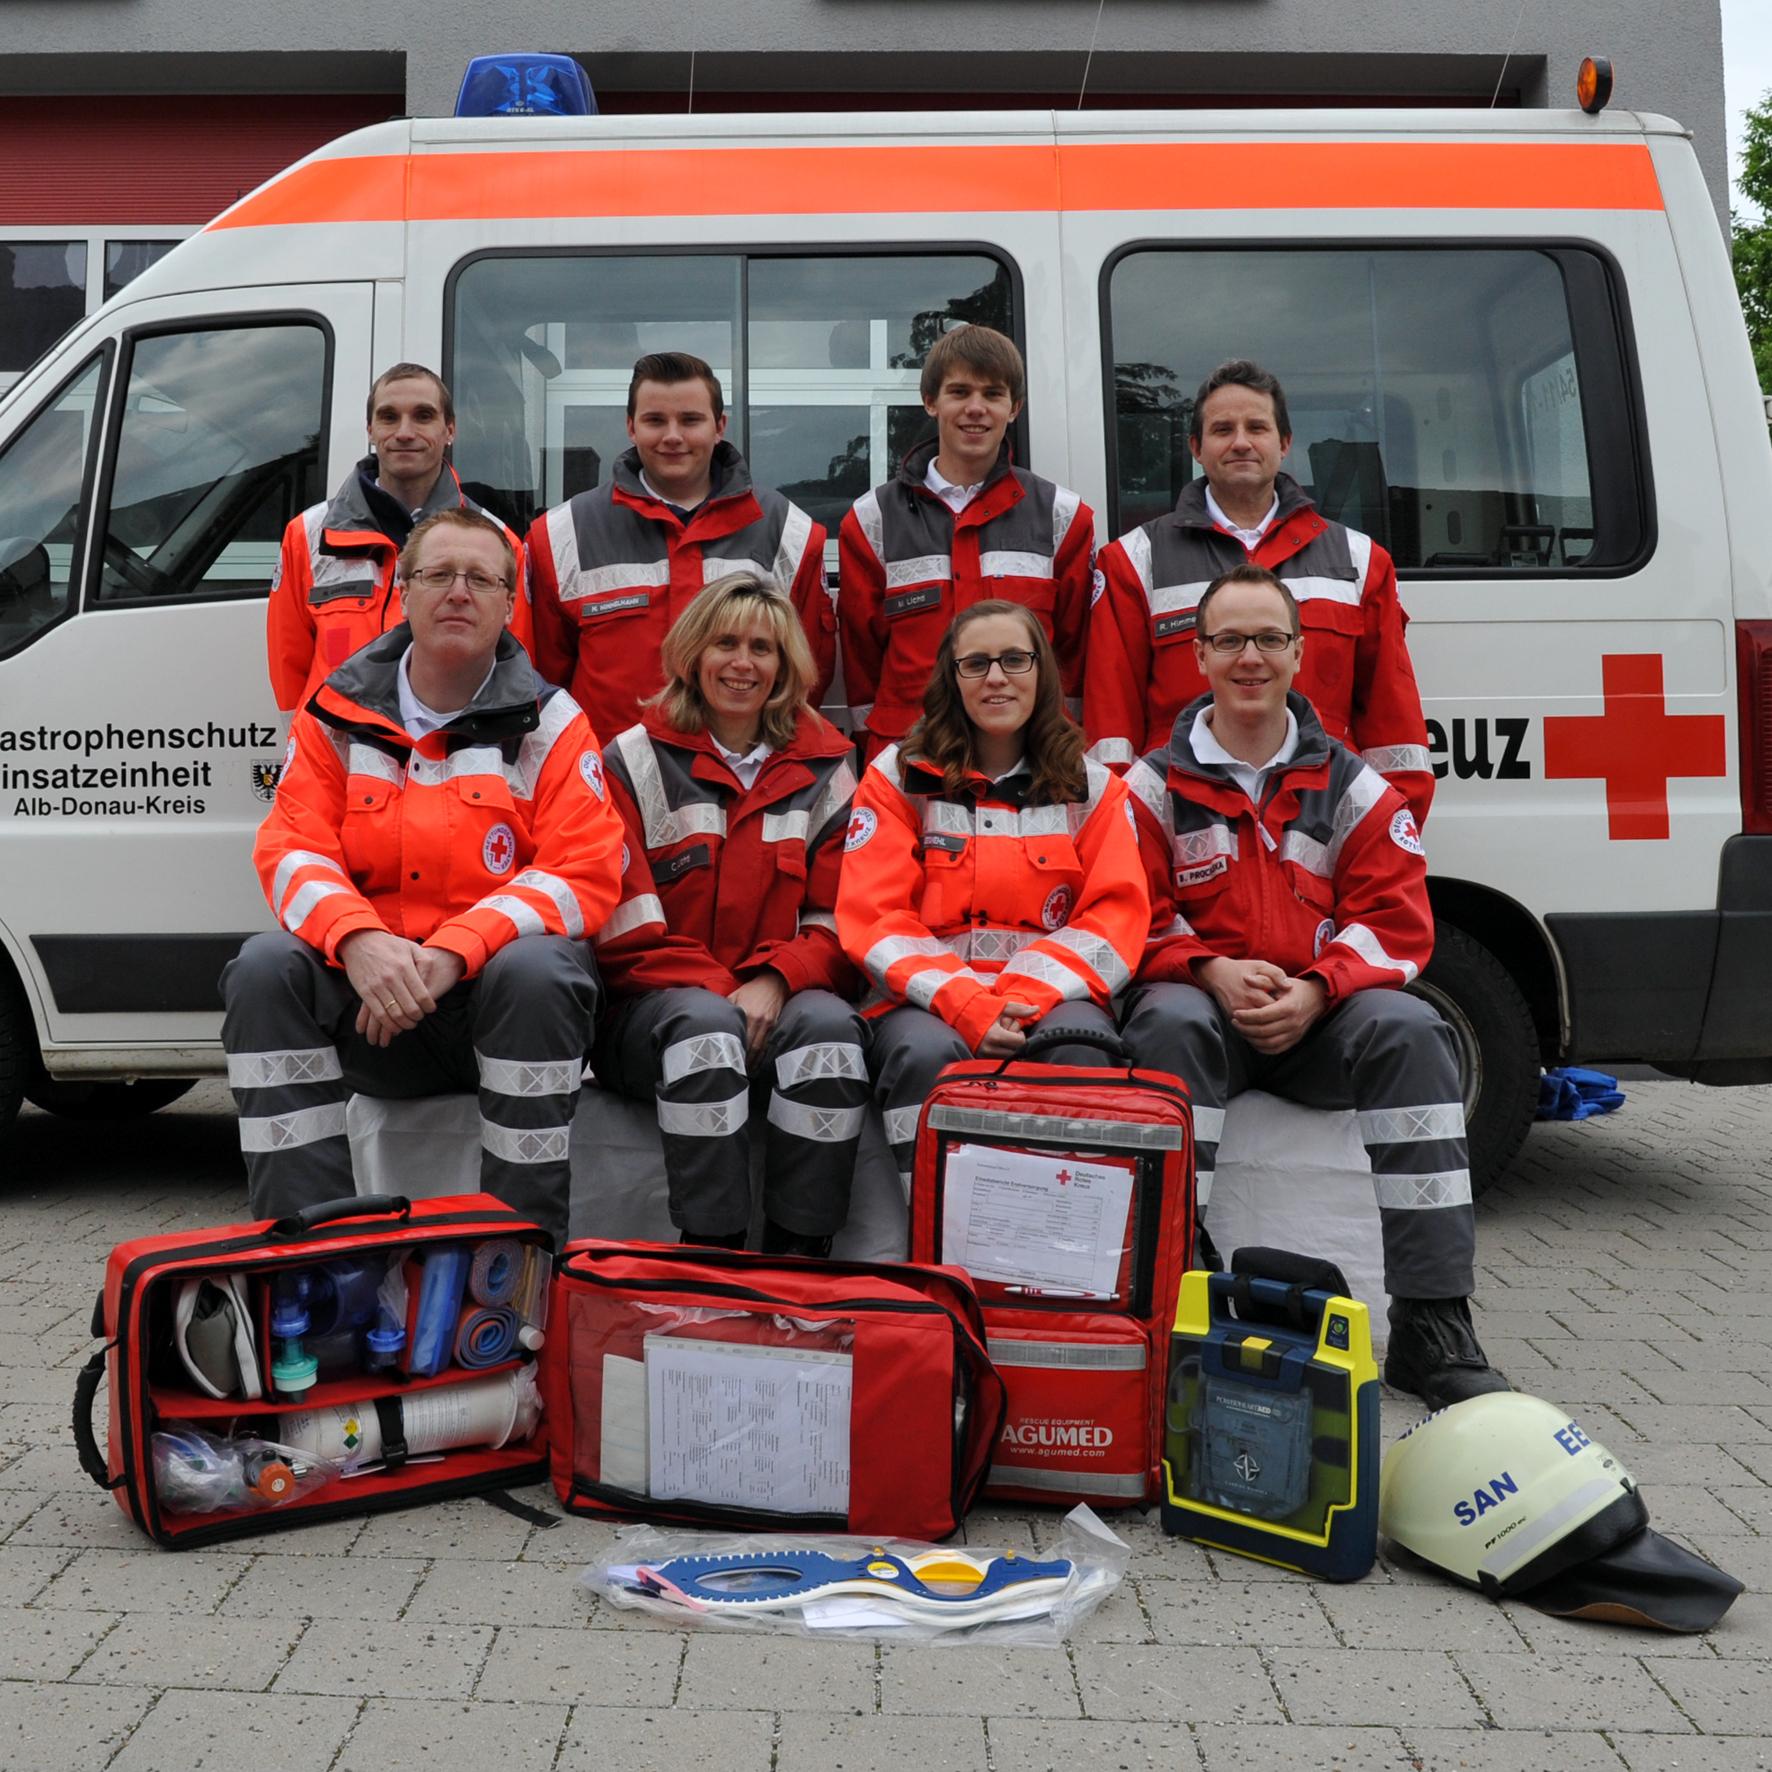 Helfer-vor-Ort mit ihren Einsatzmitteln / Bild: Thomas Heckmann